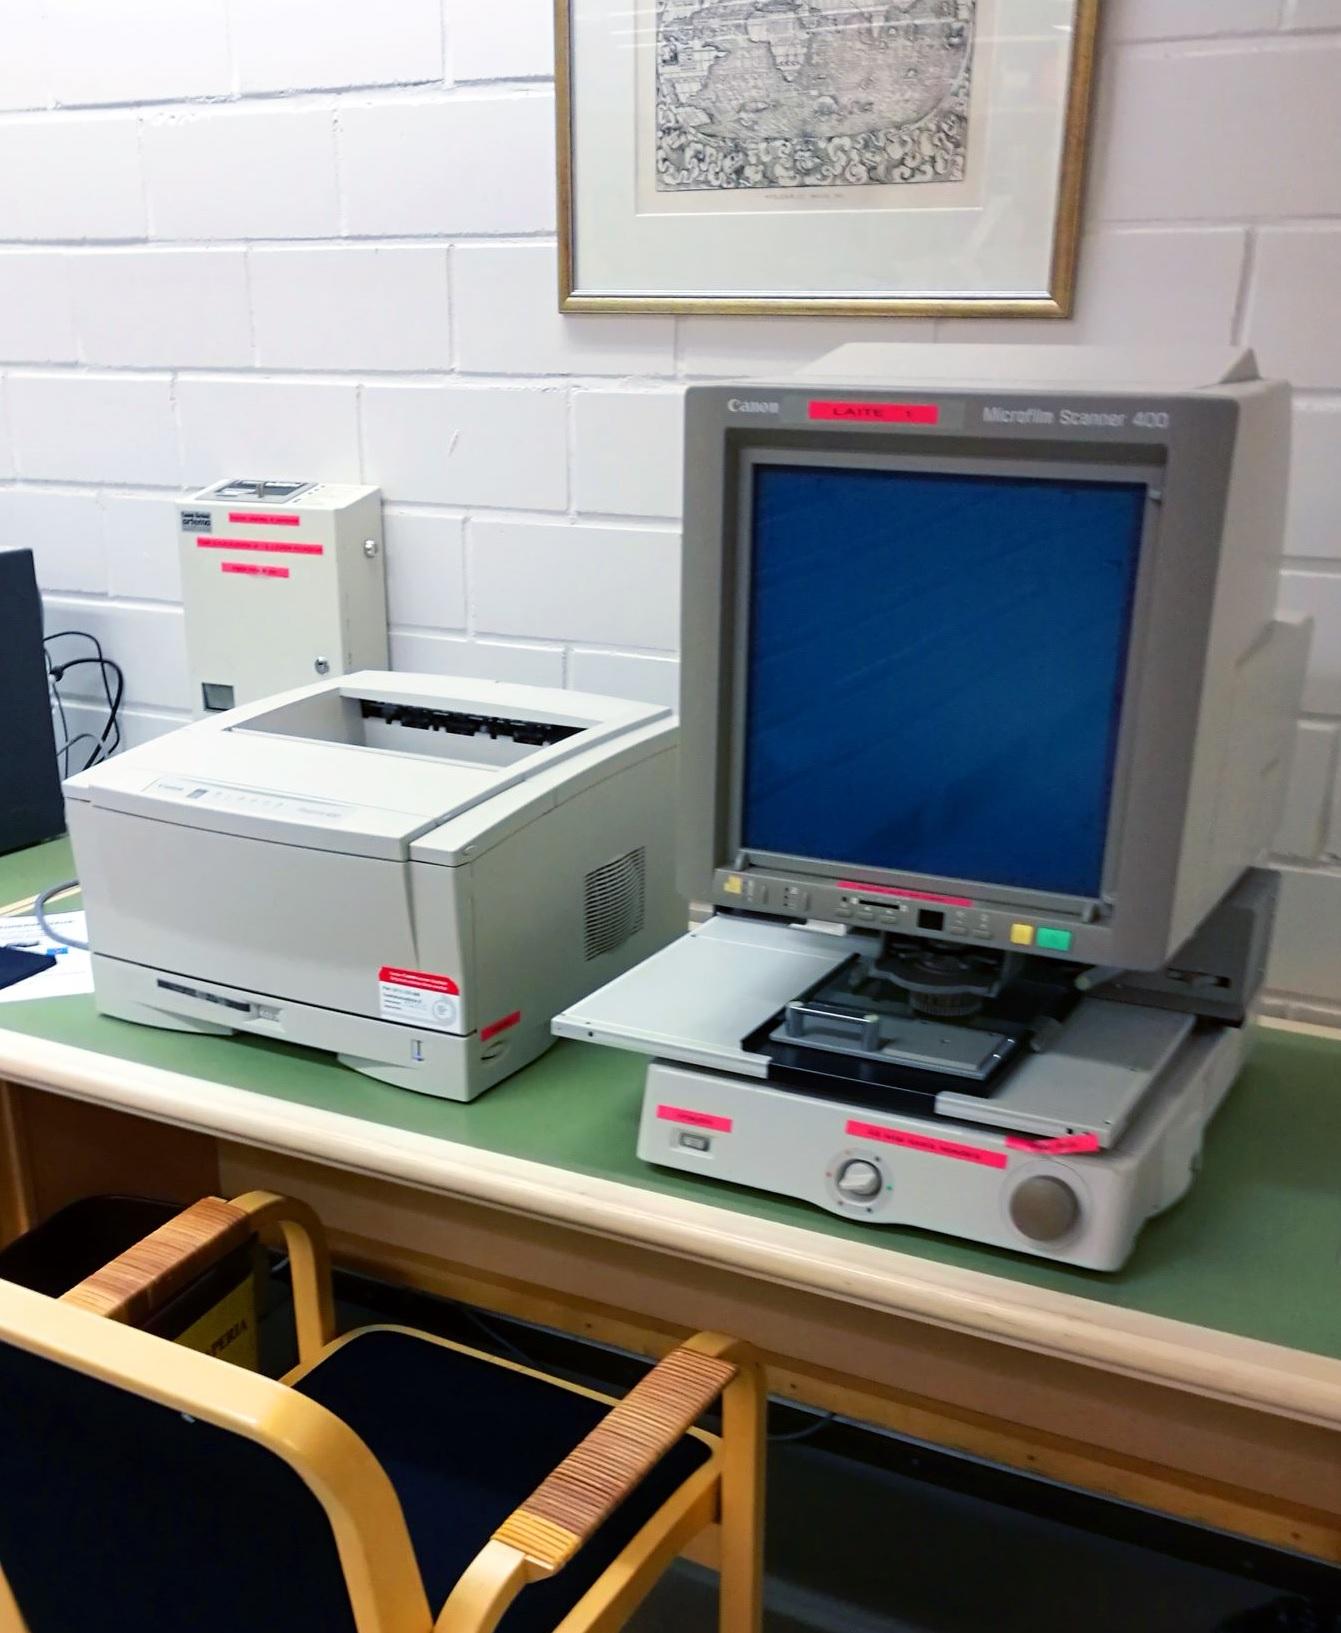 mikrofilmien lukulaite